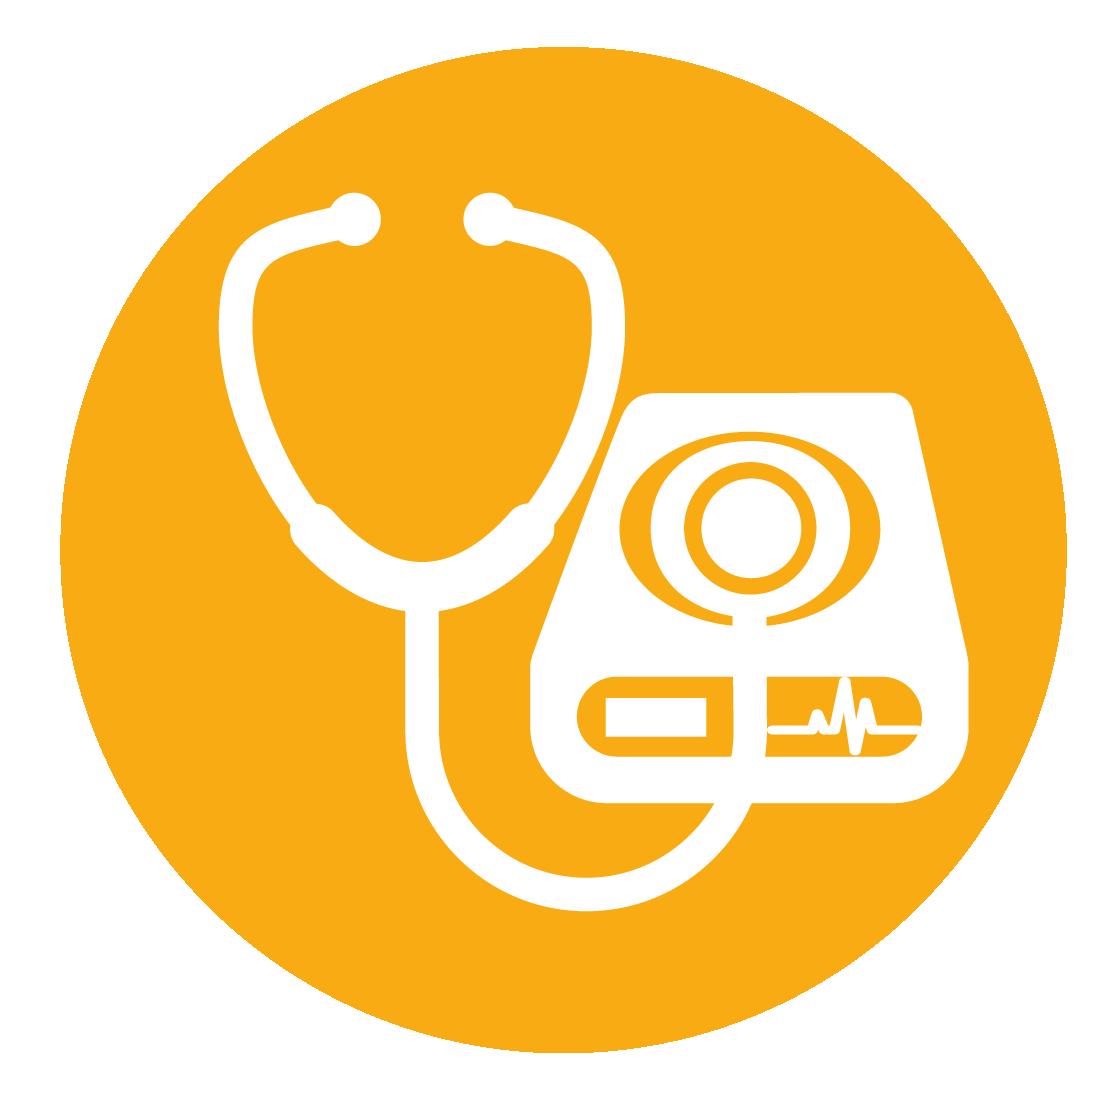 Logo de notre service récupération de données (images, fichiers, vidéos ...)